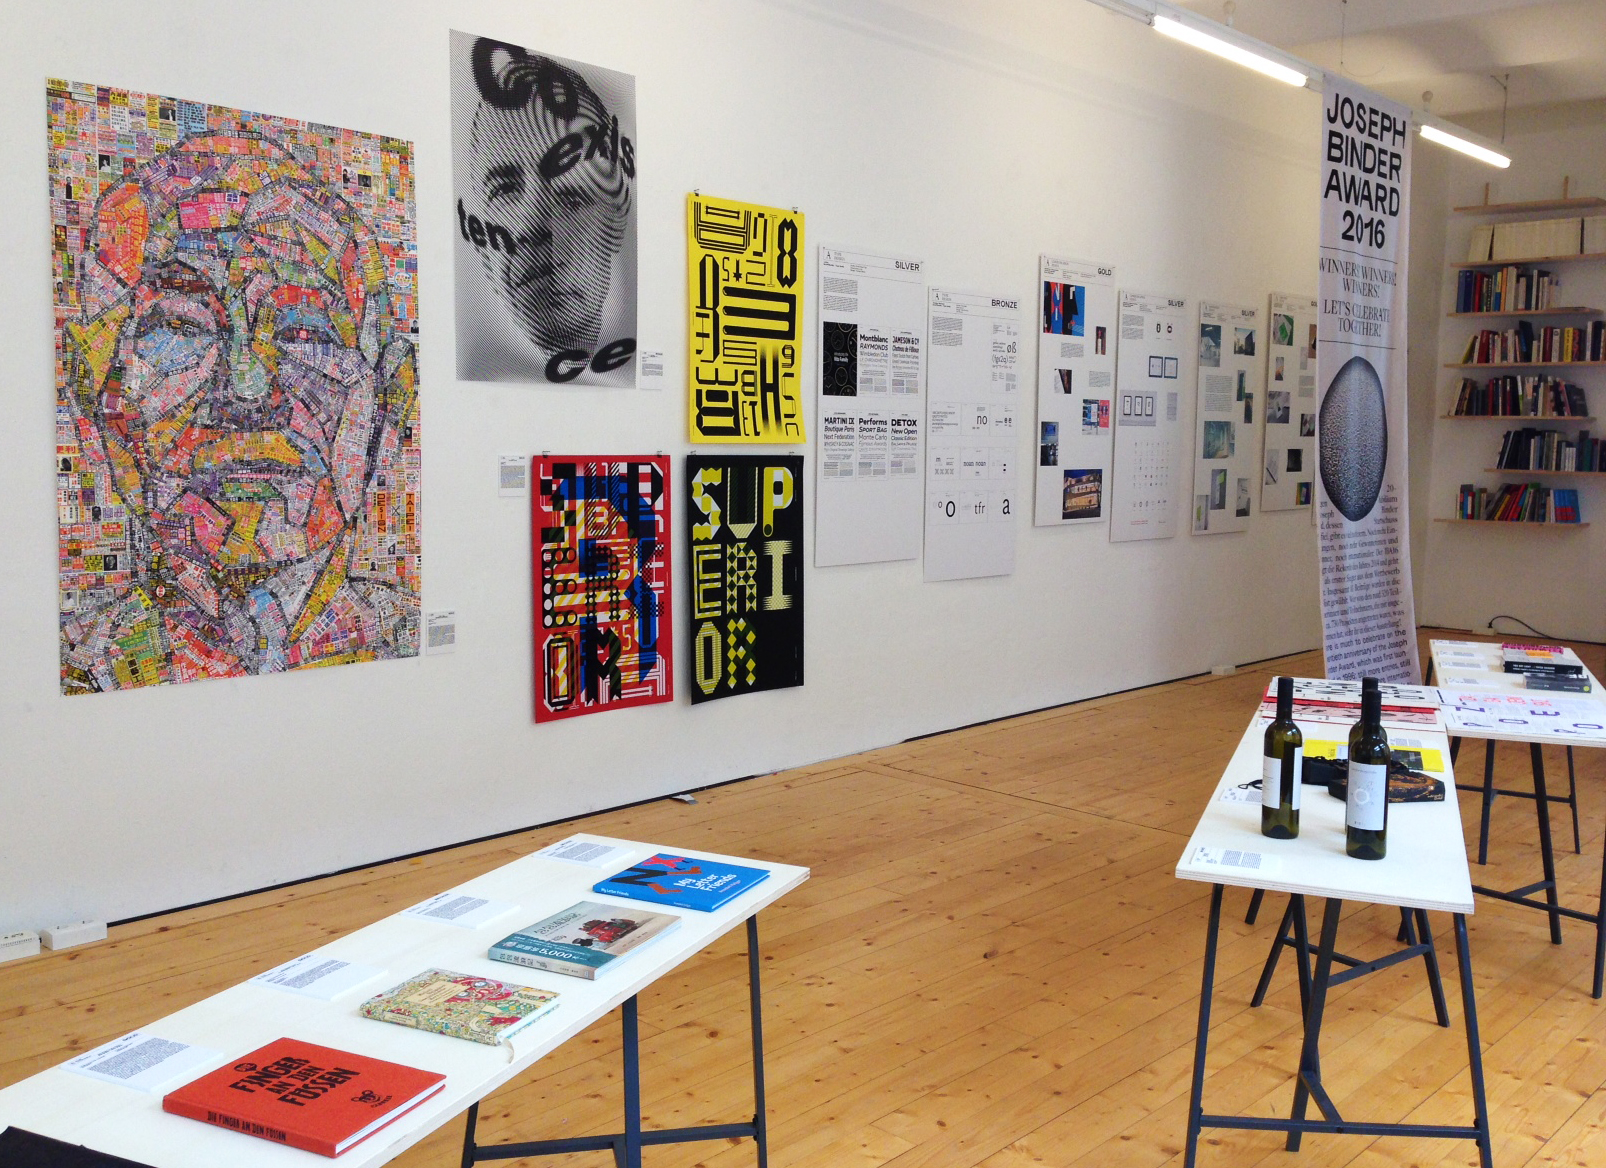 Ausstellung Josep Binder Award